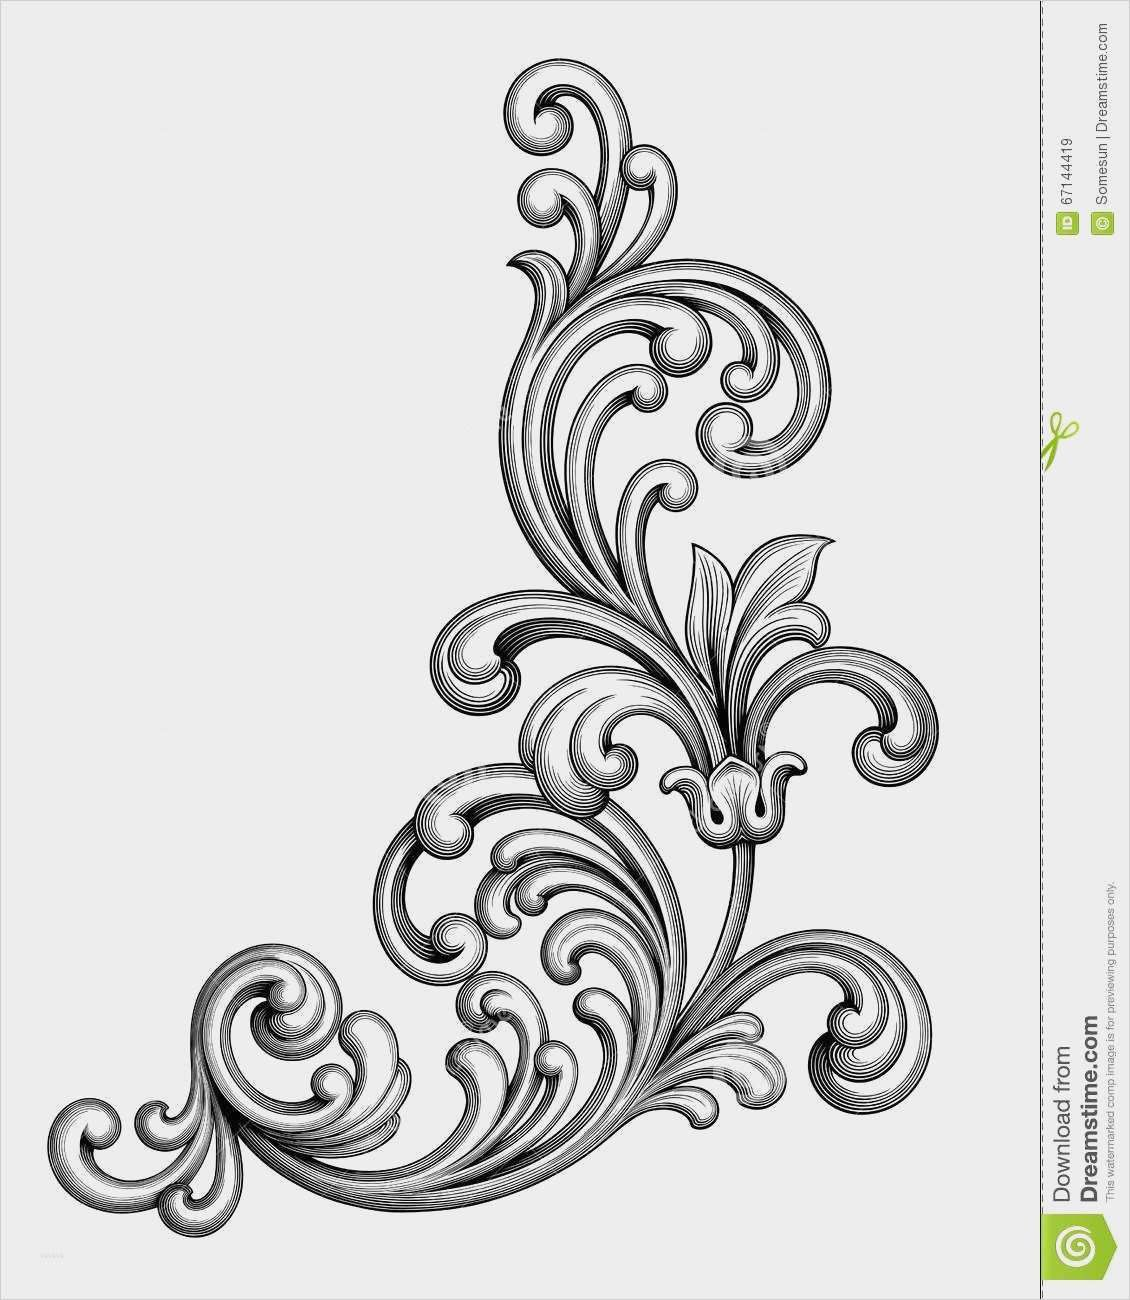 Florale Ornamente Vorlagen Kostenlos Ornamente Vorlagen Rahmen Tattoos Muster Tattoos